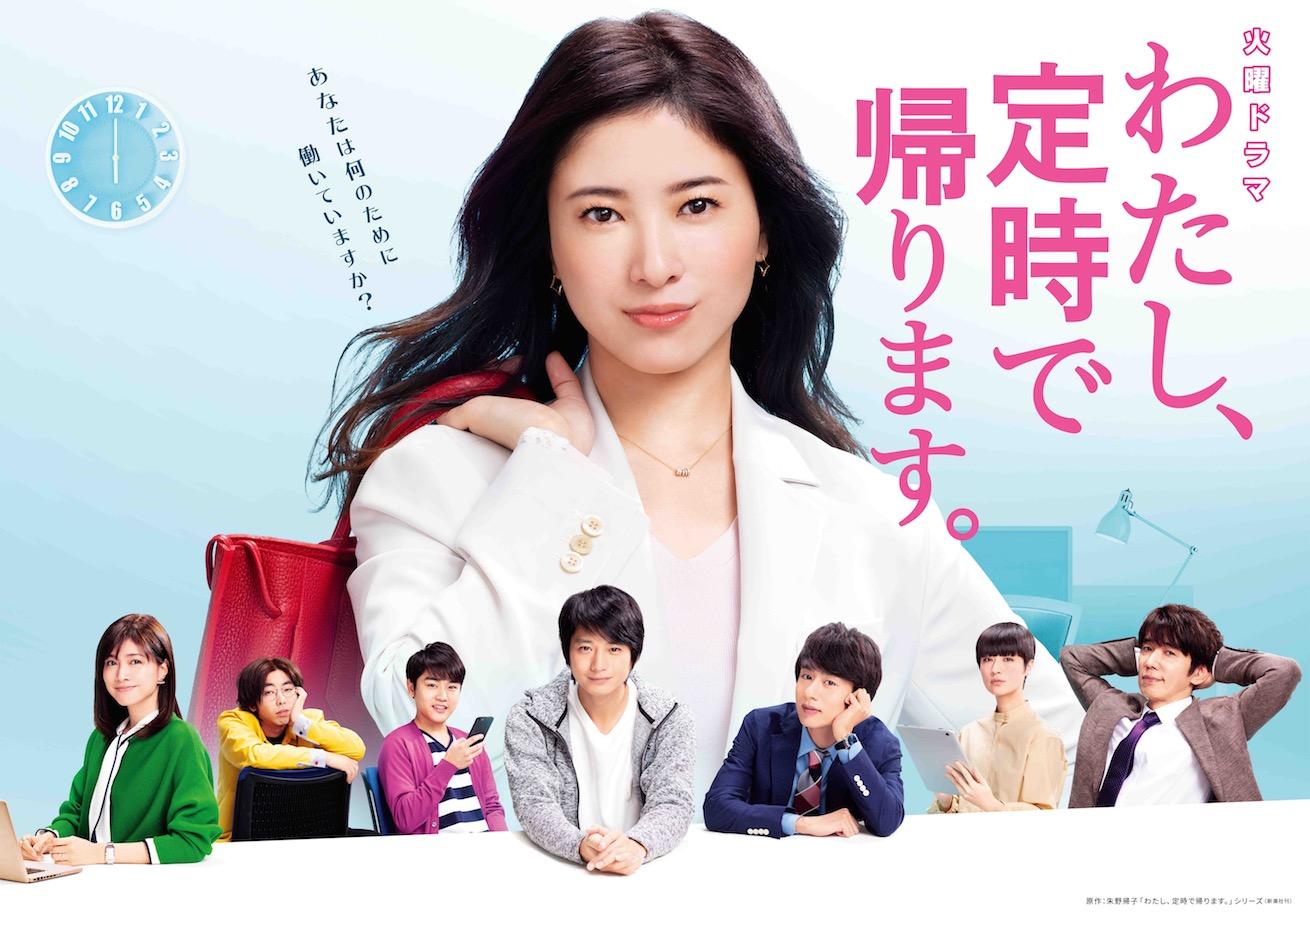 【今夜一話放送】TBSドラマ火10『わたし、定時で帰ります。』のドラマ内Webサイト制作をLIGが担当しました。